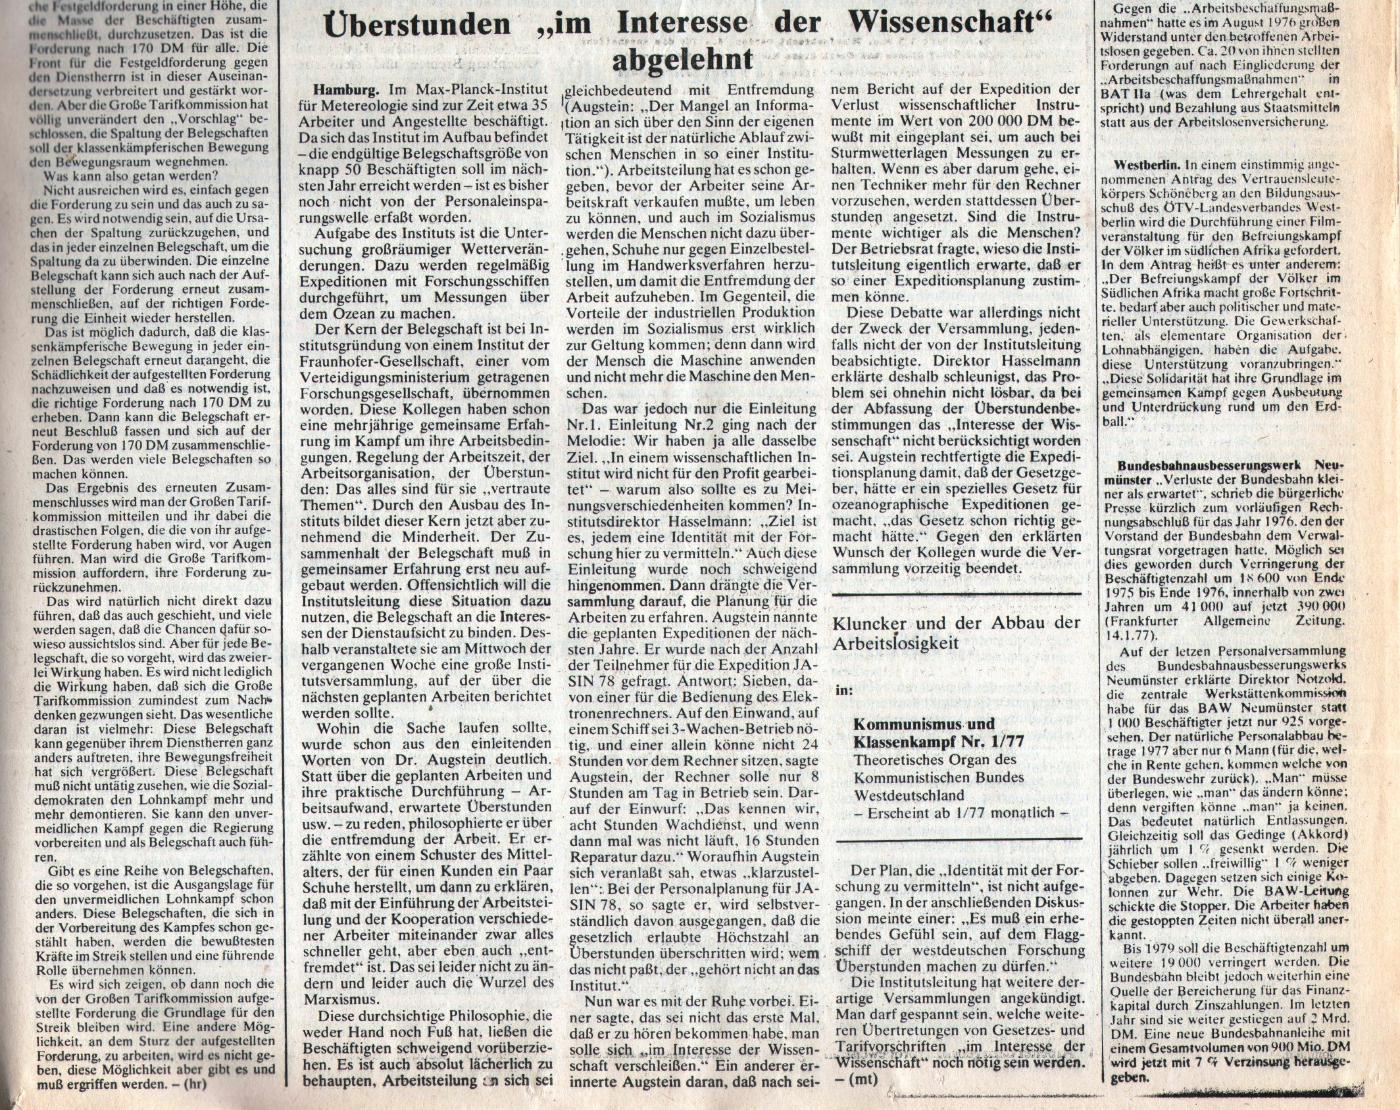 KVZ_Nord_1977_04_14